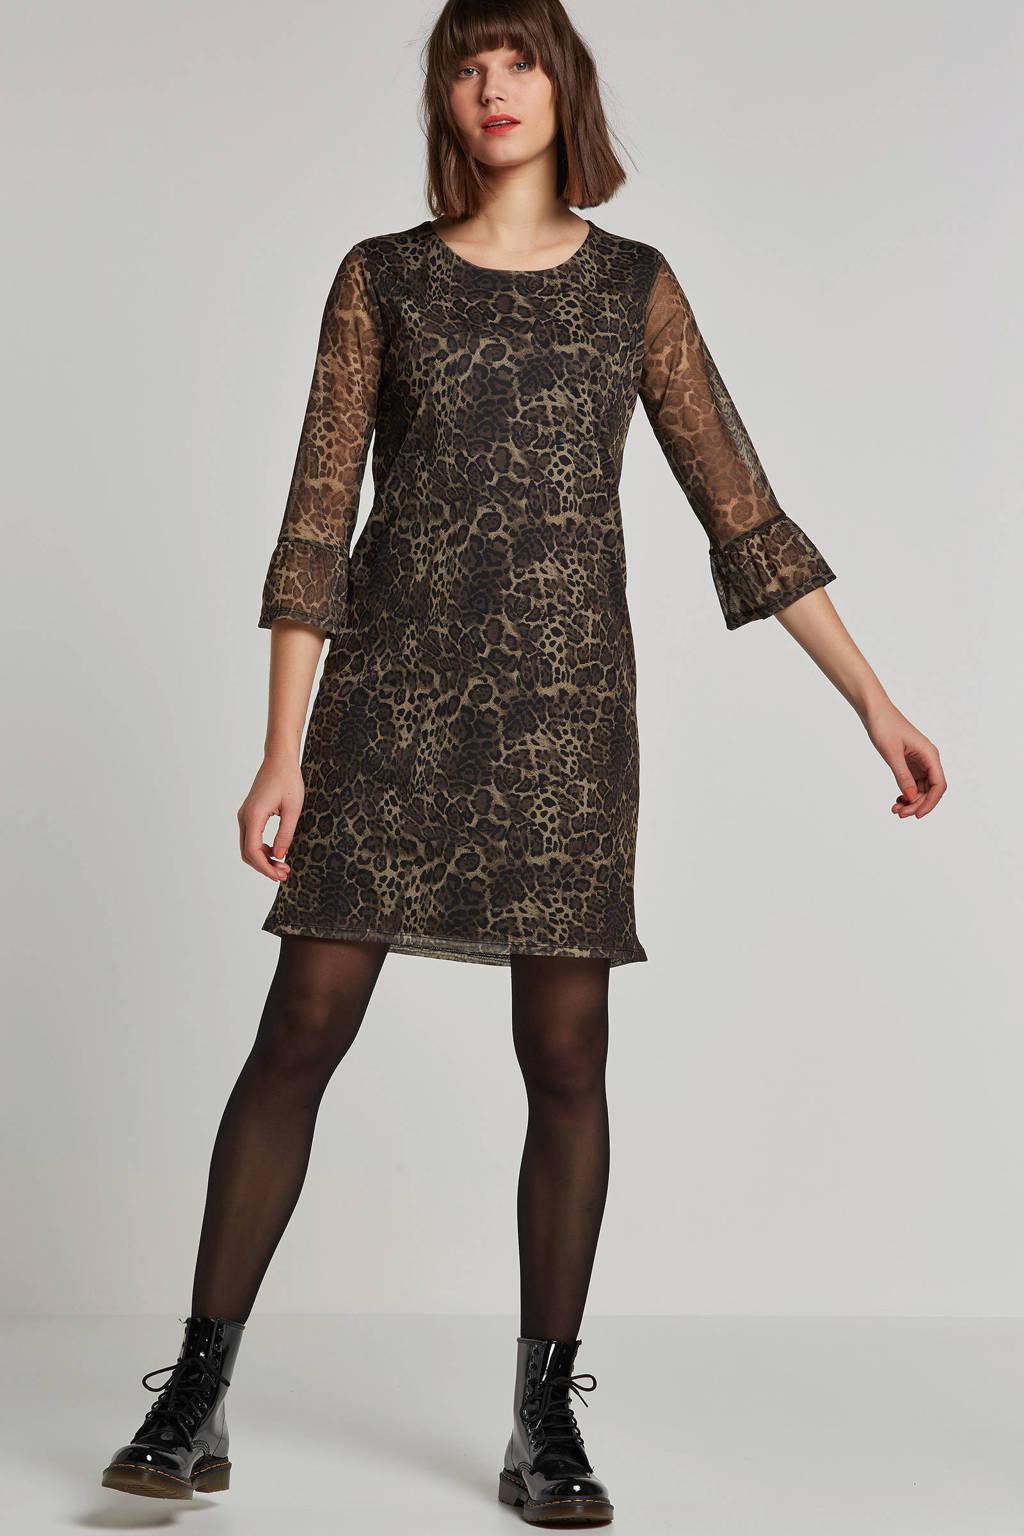 OBJECT jurk met panter print, Zwart/bruin